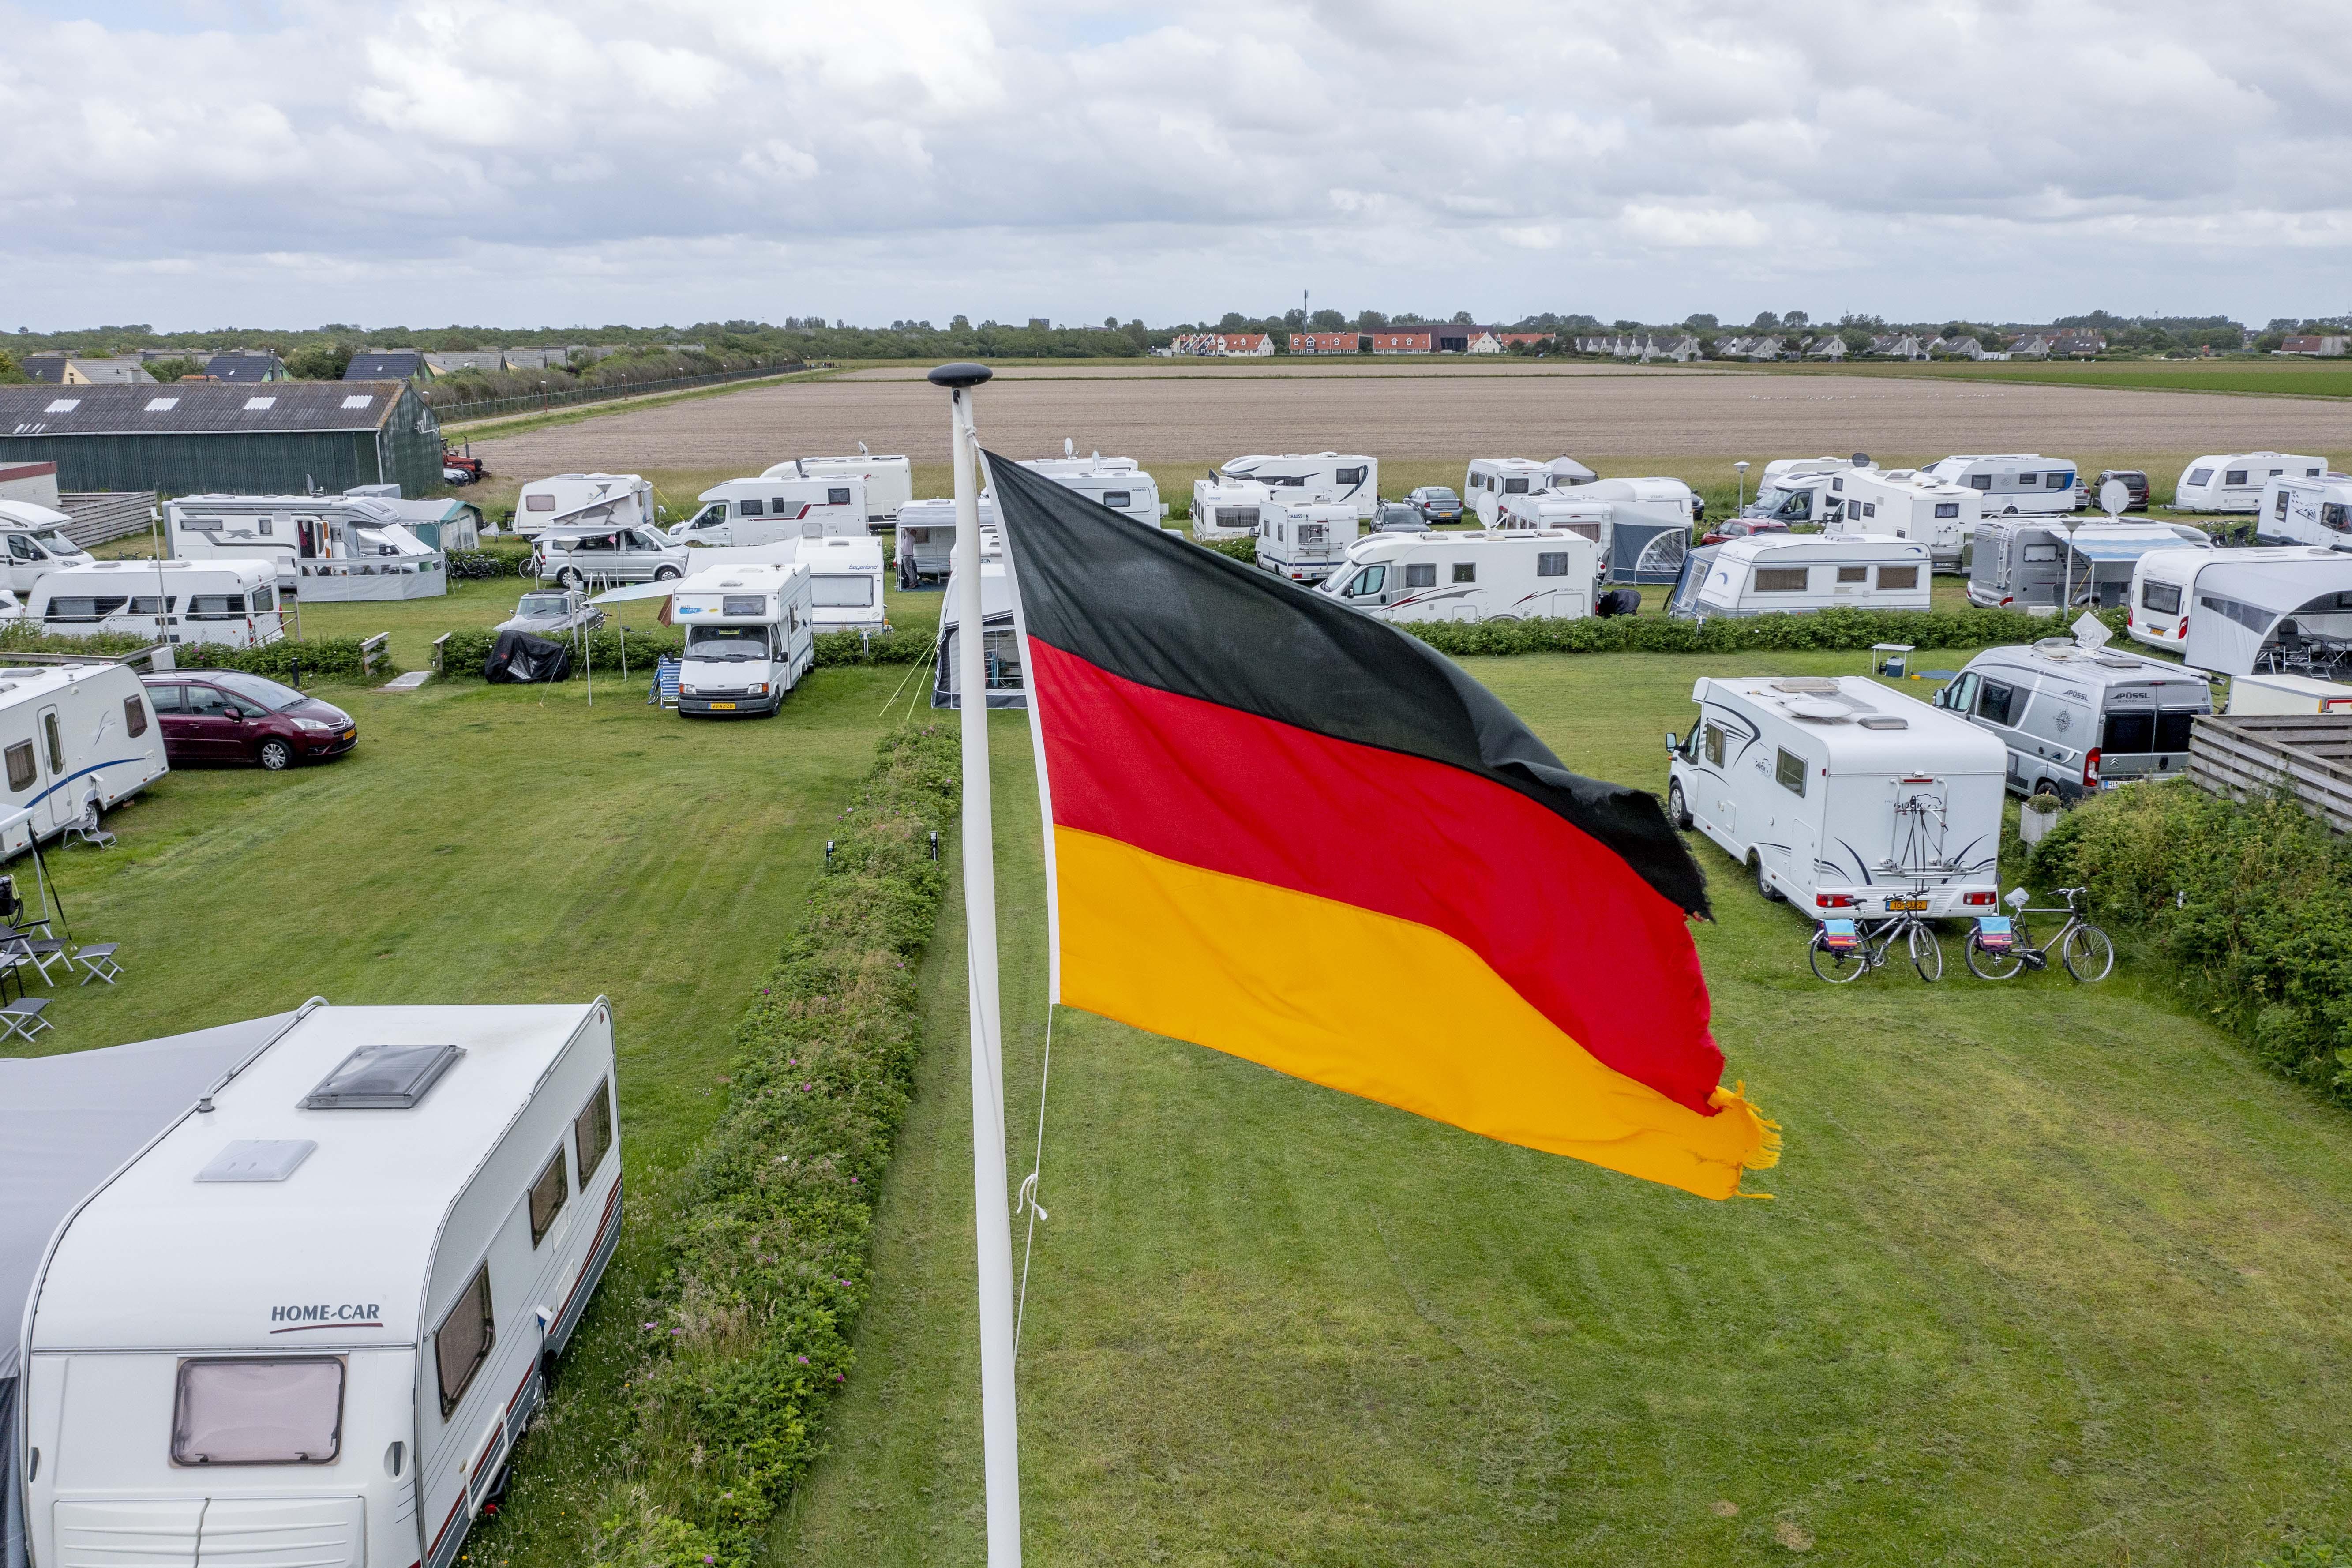 Duitse badgast weet de Noordkop weer te vinden na hiaat door corona in 2020. 'Het is een en al Duits wat ik hoor'